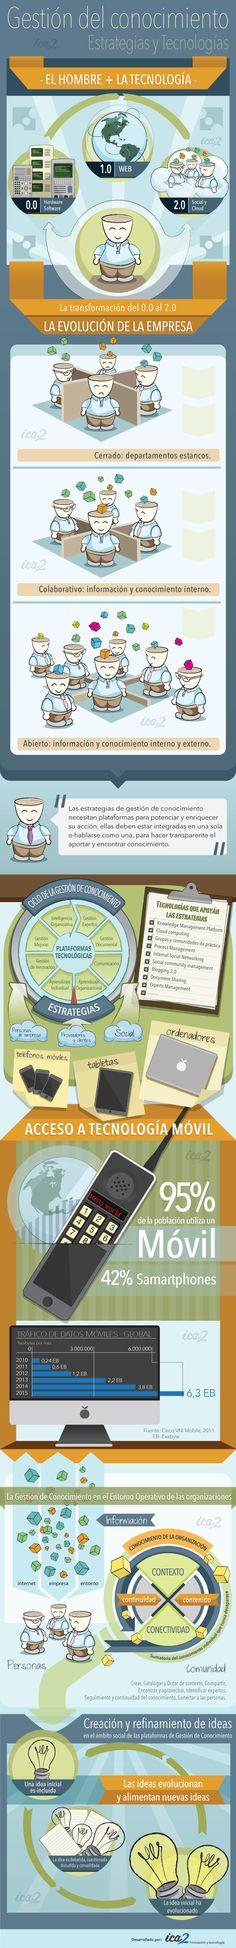 Gestión del Conocimiento: Estrategias y Tecnologías